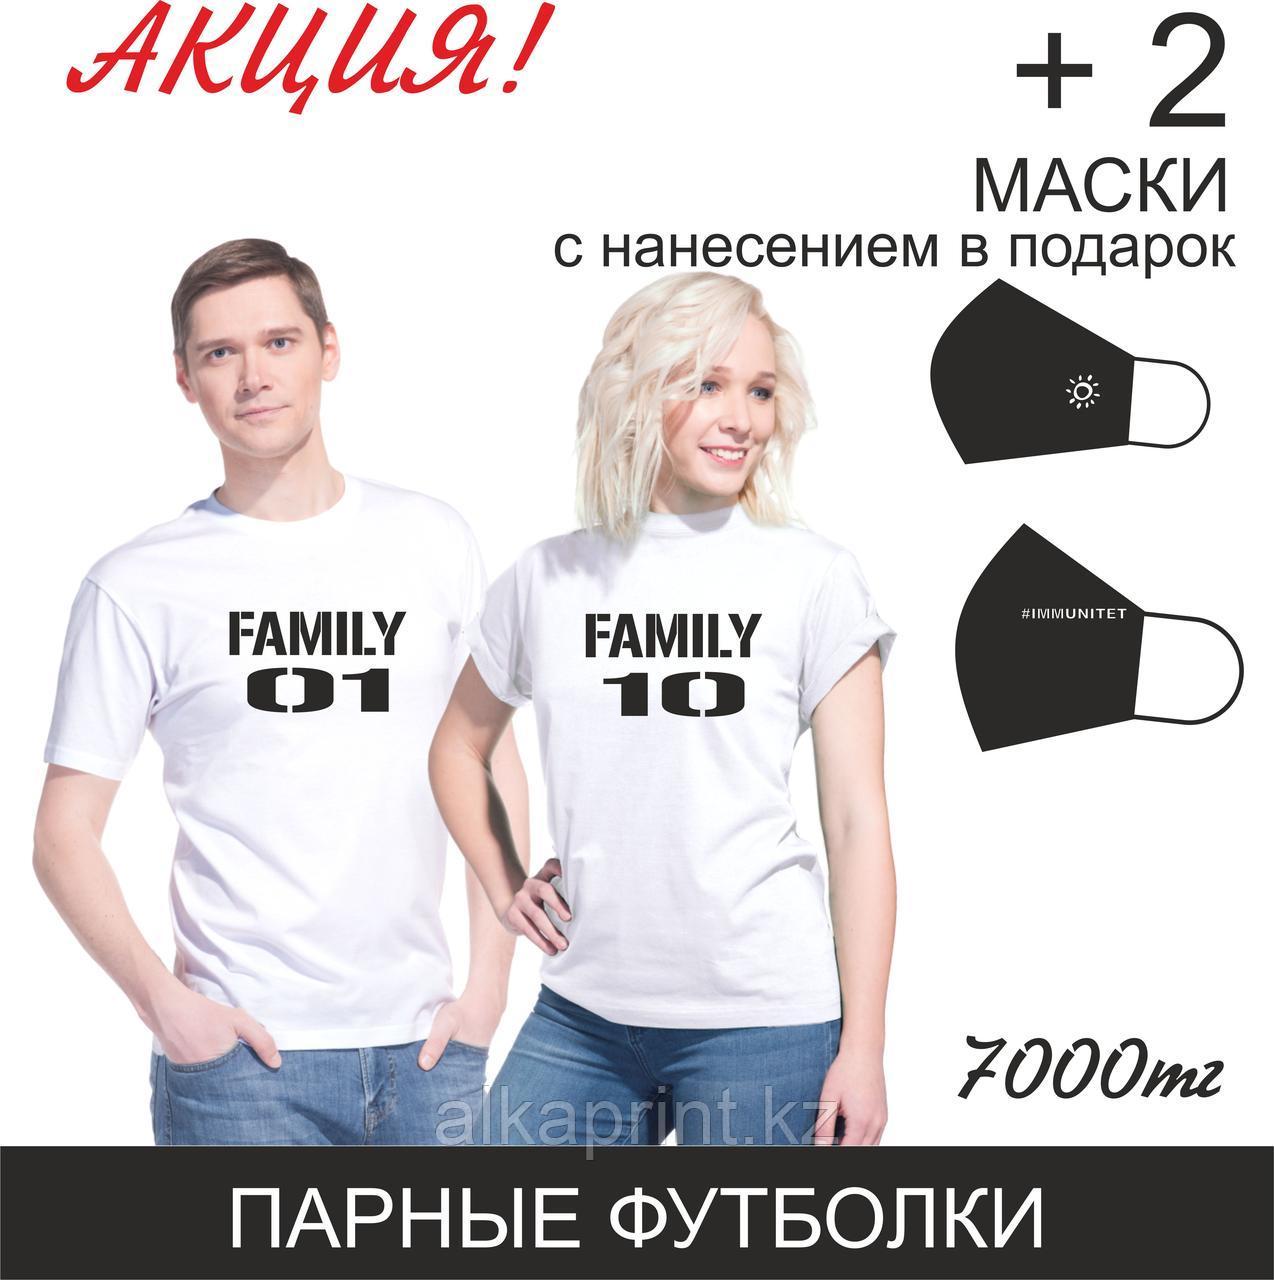 Нанесение номеров на спортивную (футбольную) форму Алматы. - фото 5